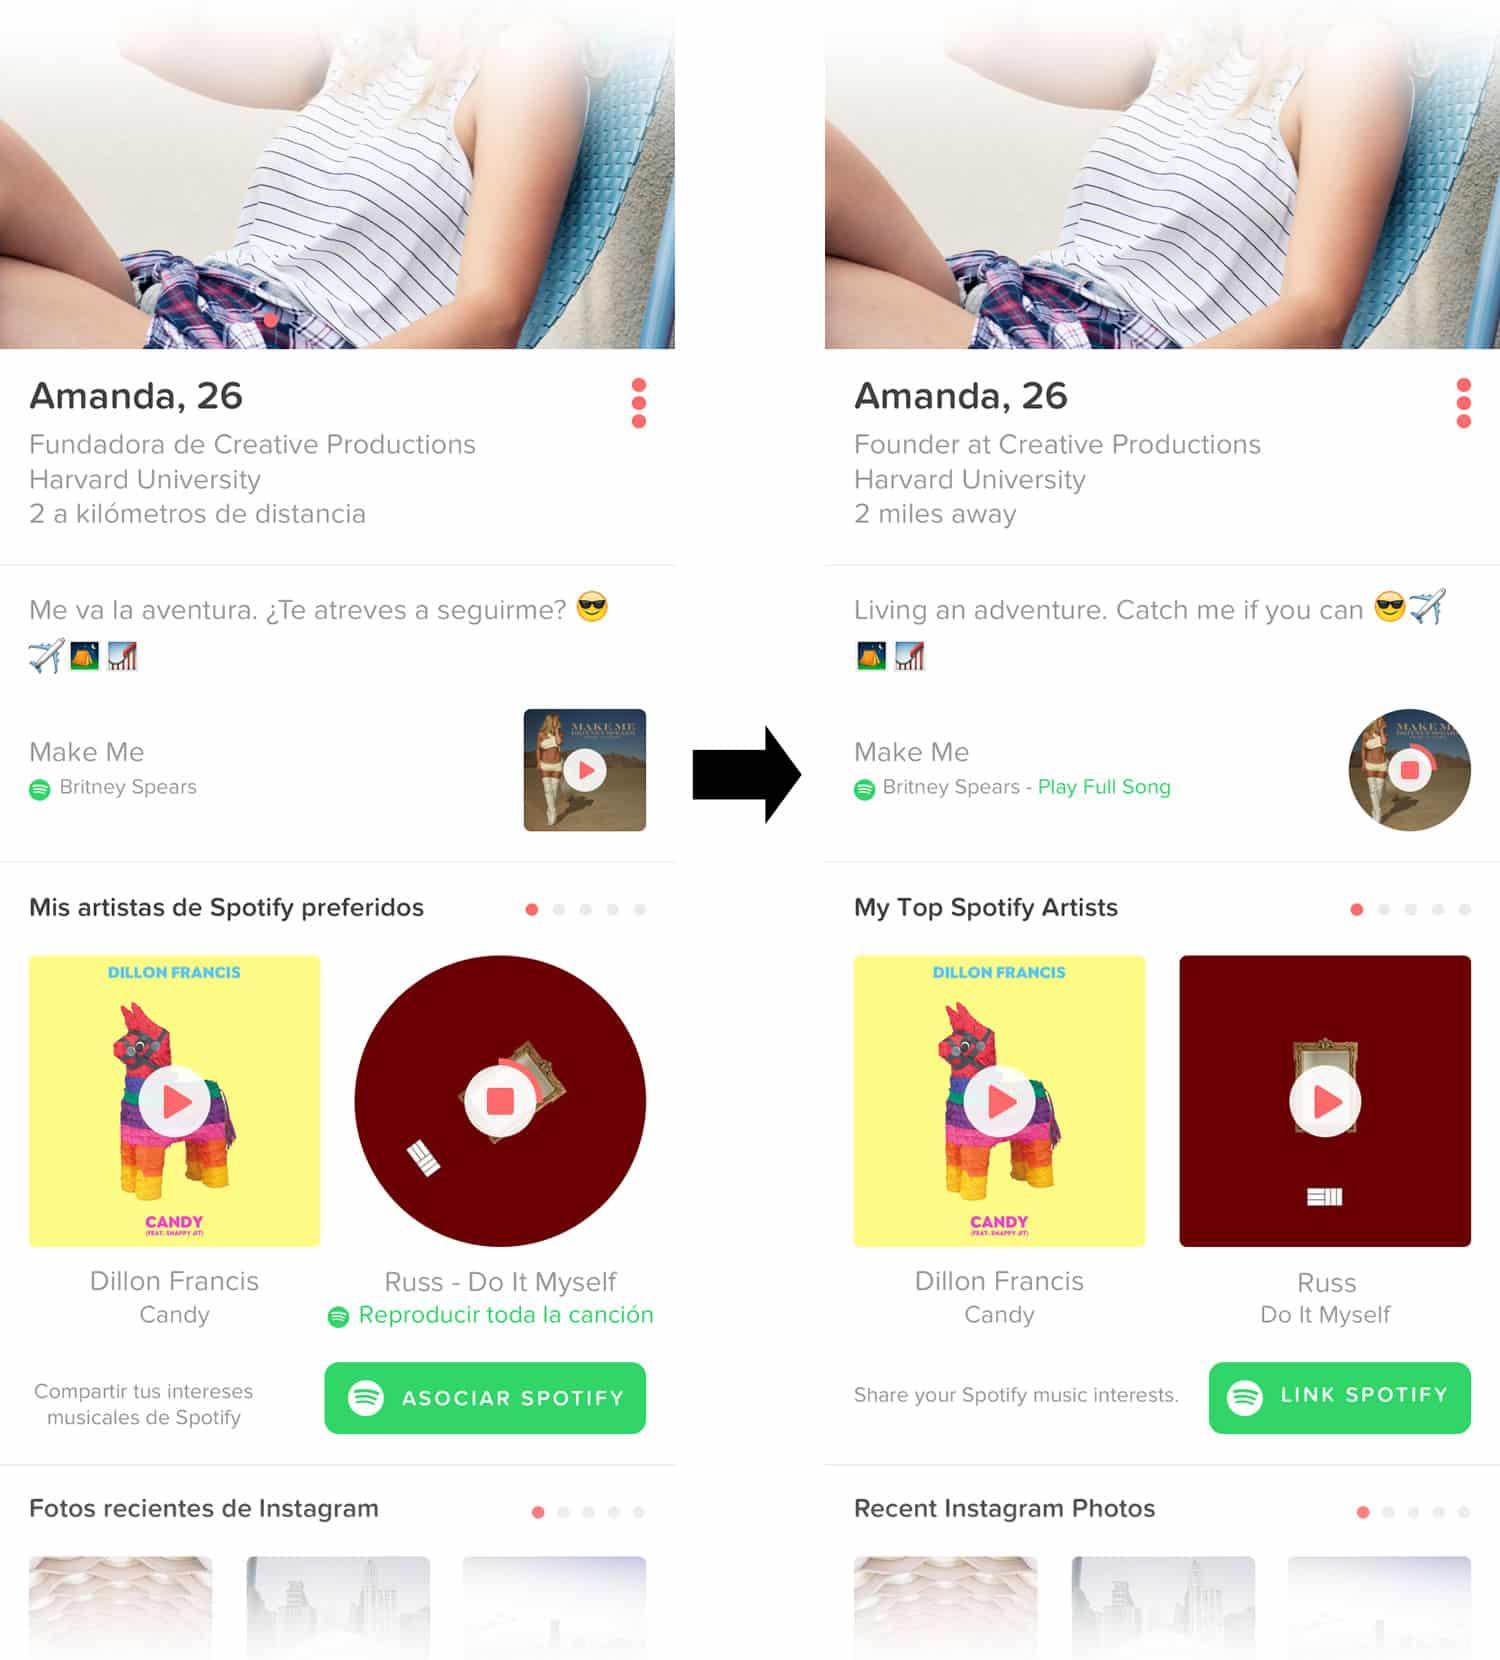 Reproduciendo una canción de Spotify en Tinder.